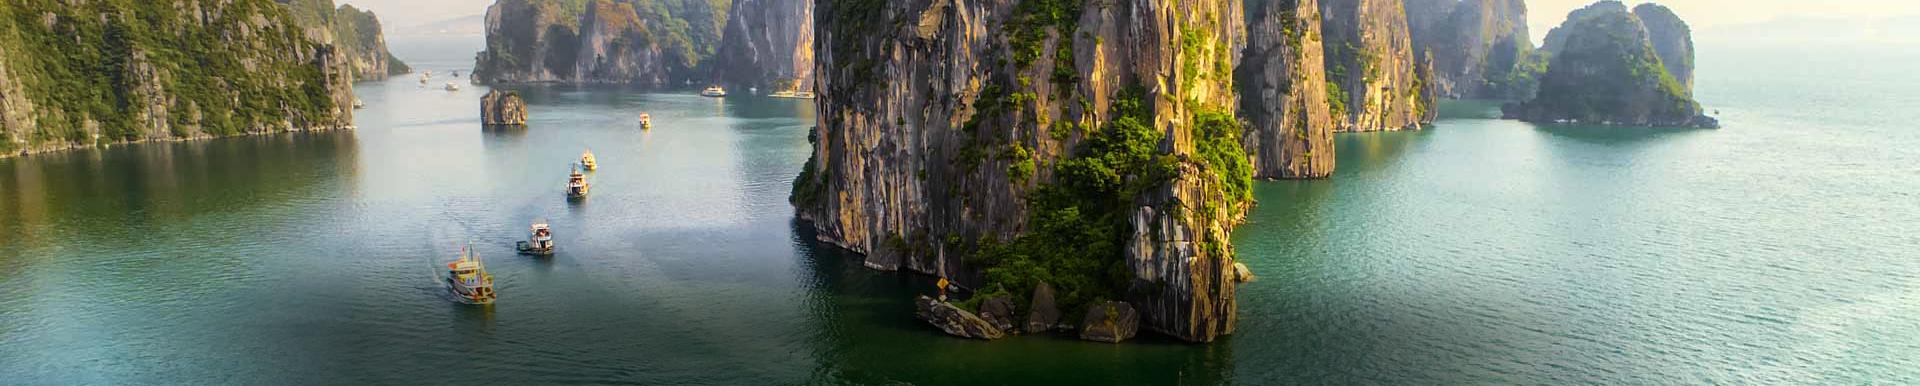 Halong Bay Cruises - Small Boat